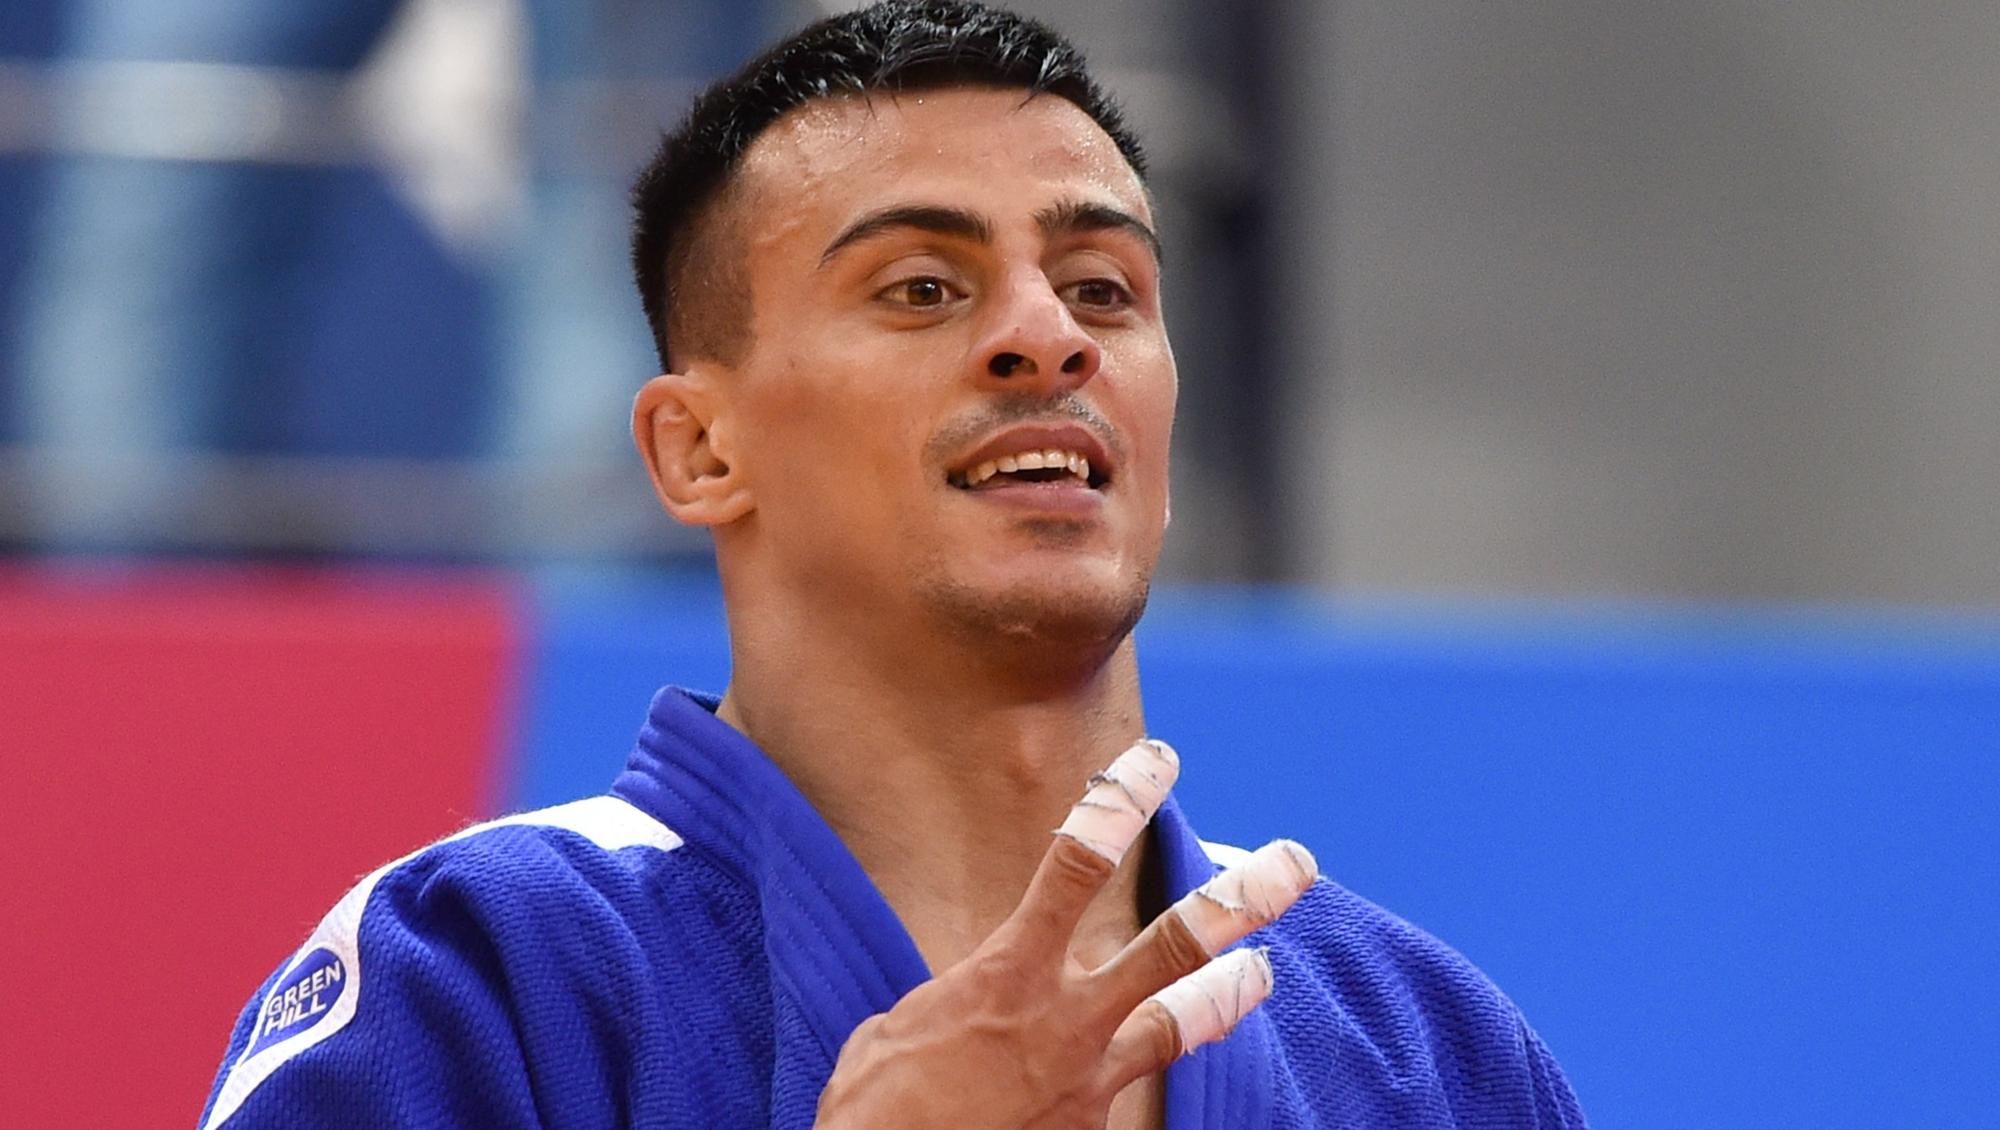 Депутат Київради Георгій Зантарая став першим в історії України чемпіоном світу з дзюдо.